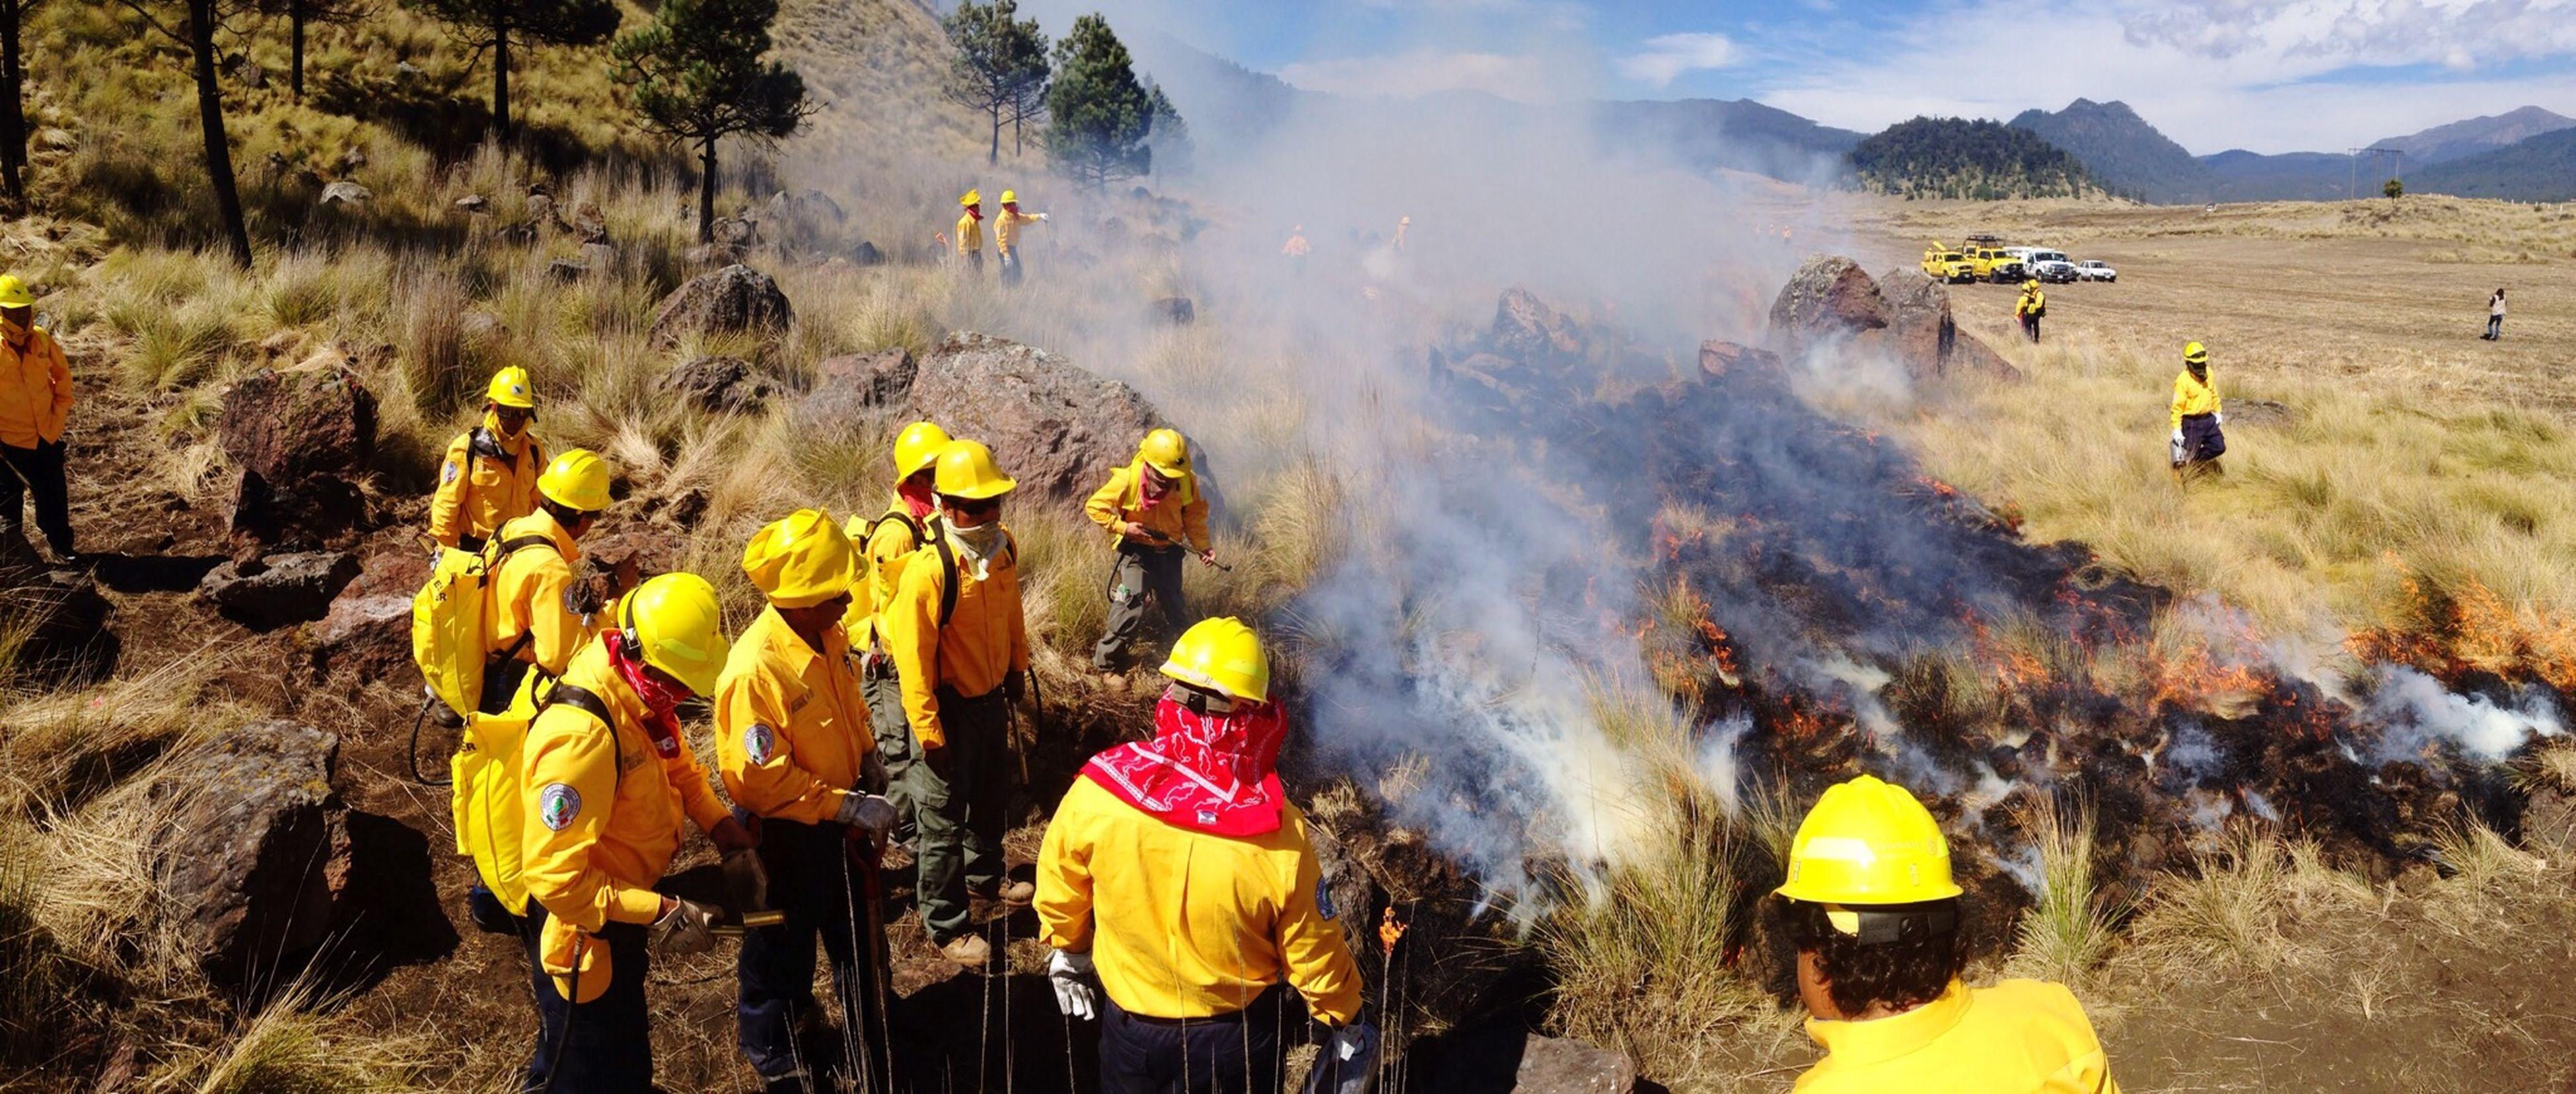 Cerro Media Luna, Huitzilac, Morelos Incendios Forestales Línea Negra Prevención Manejo De Fuego CONAFOR